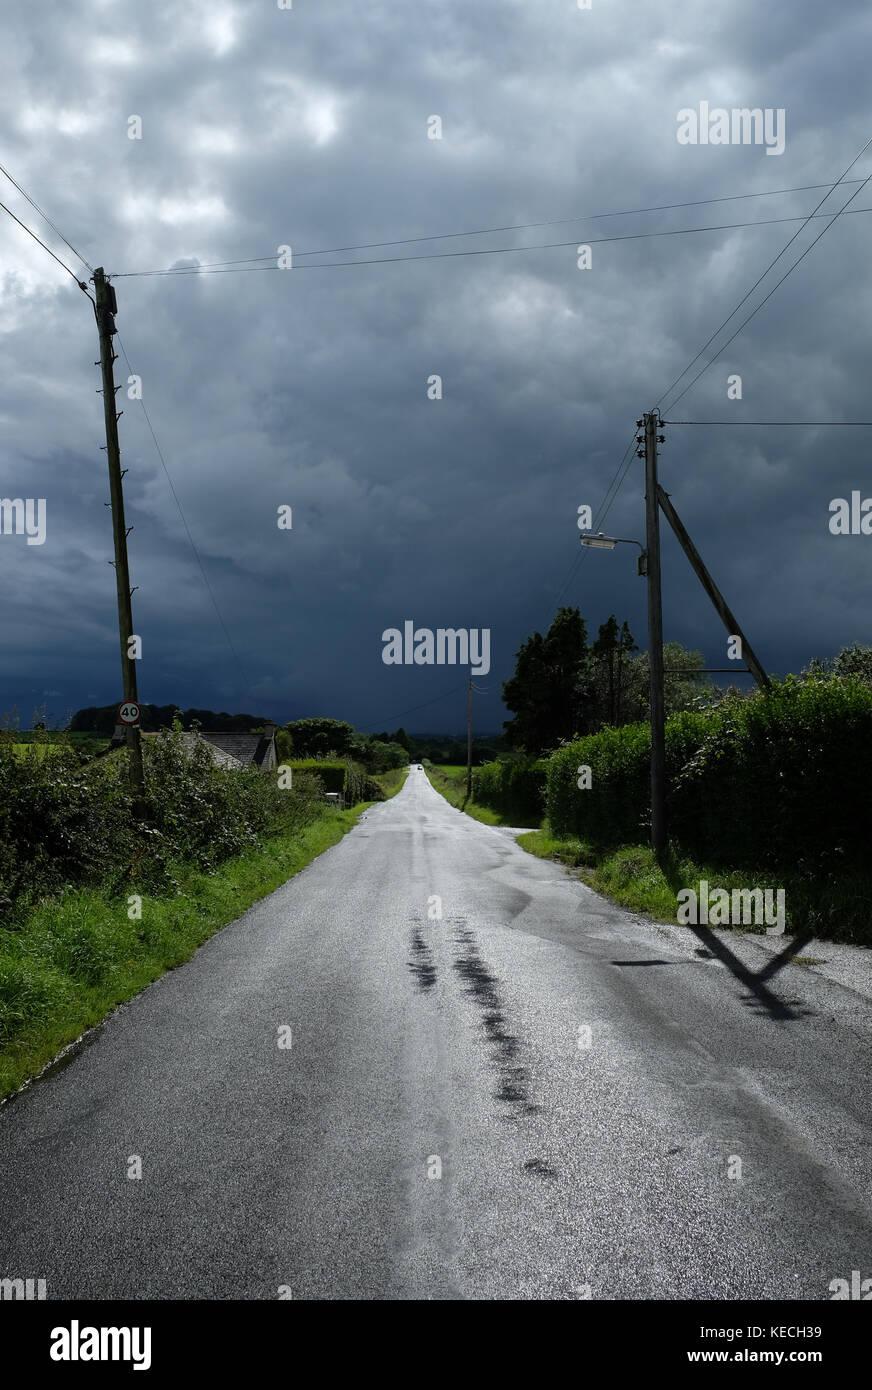 Acercándose a tormenta, Condado de Antrim, Irlanda del Norte. Imagen De Stock